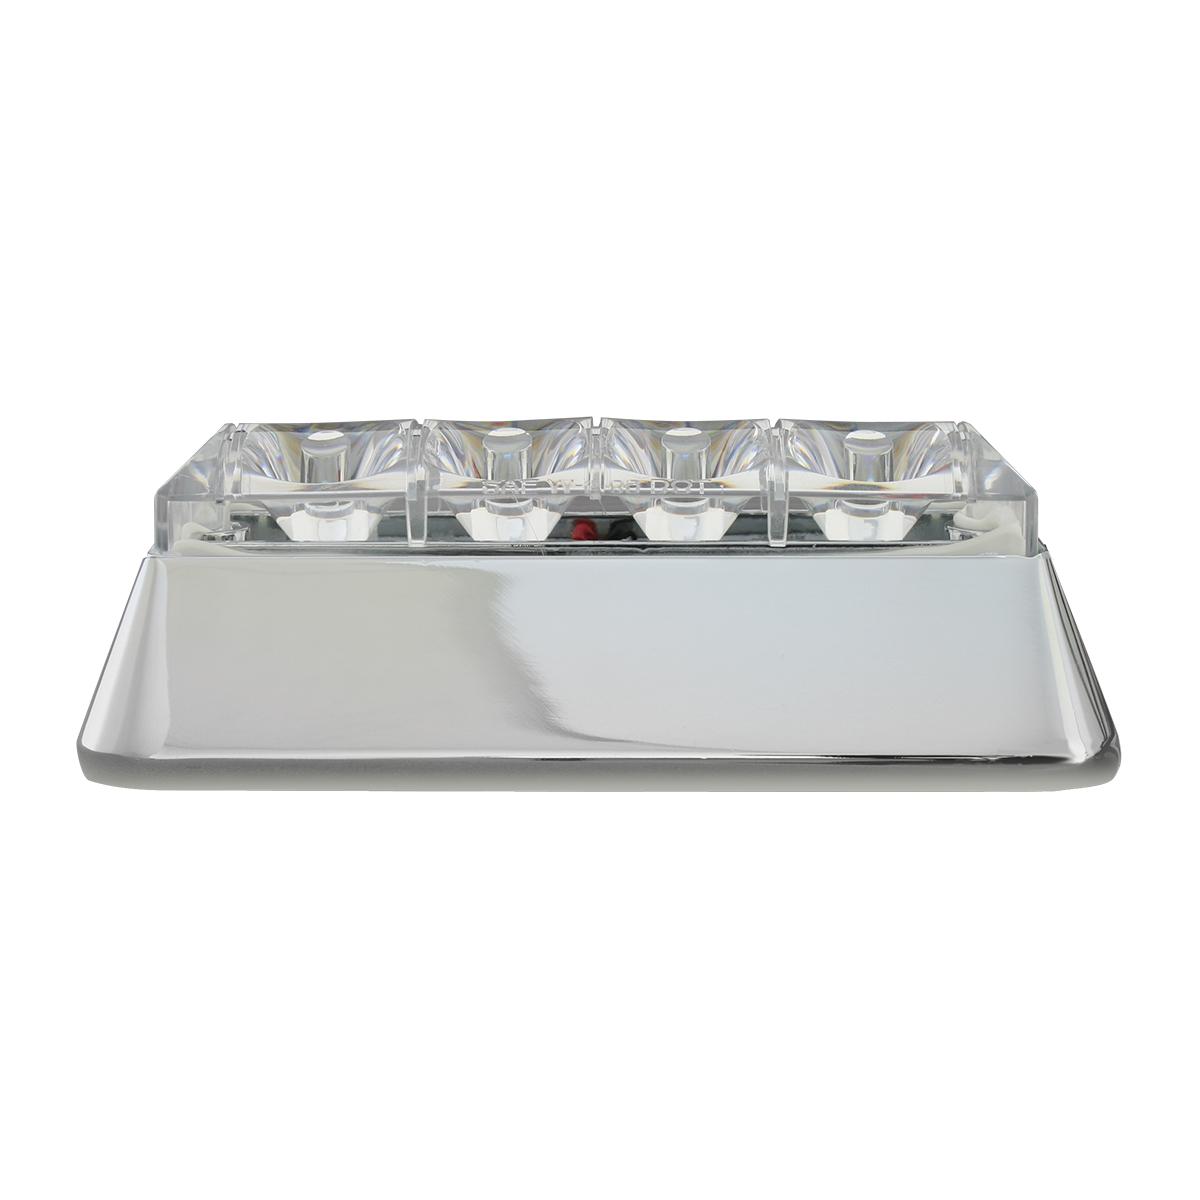 76531 Amber/Clear Medium Rectangular 4 LED Strobe Light